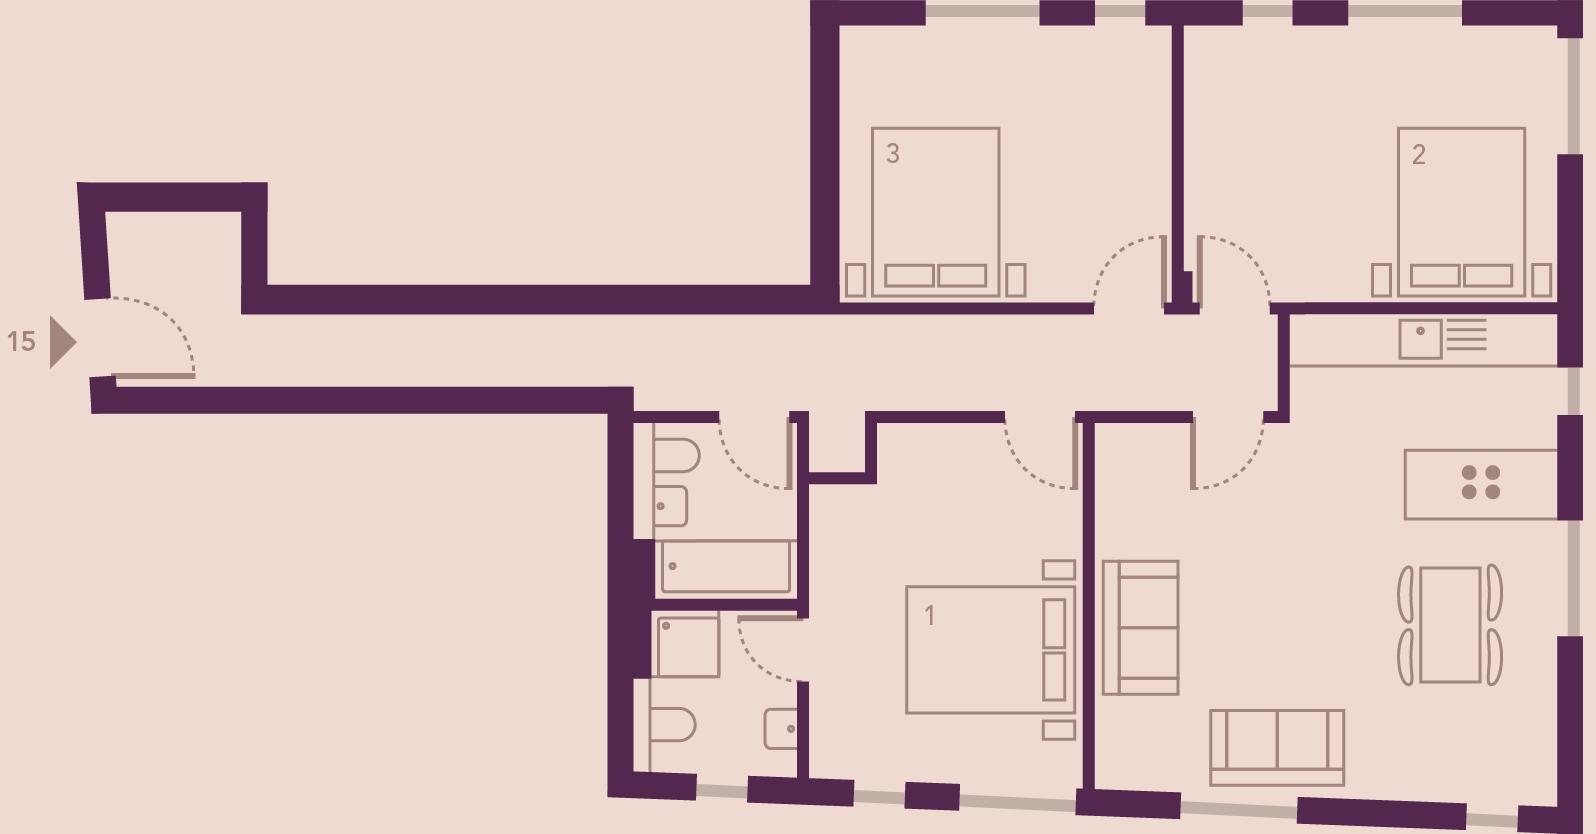 Apartment 15